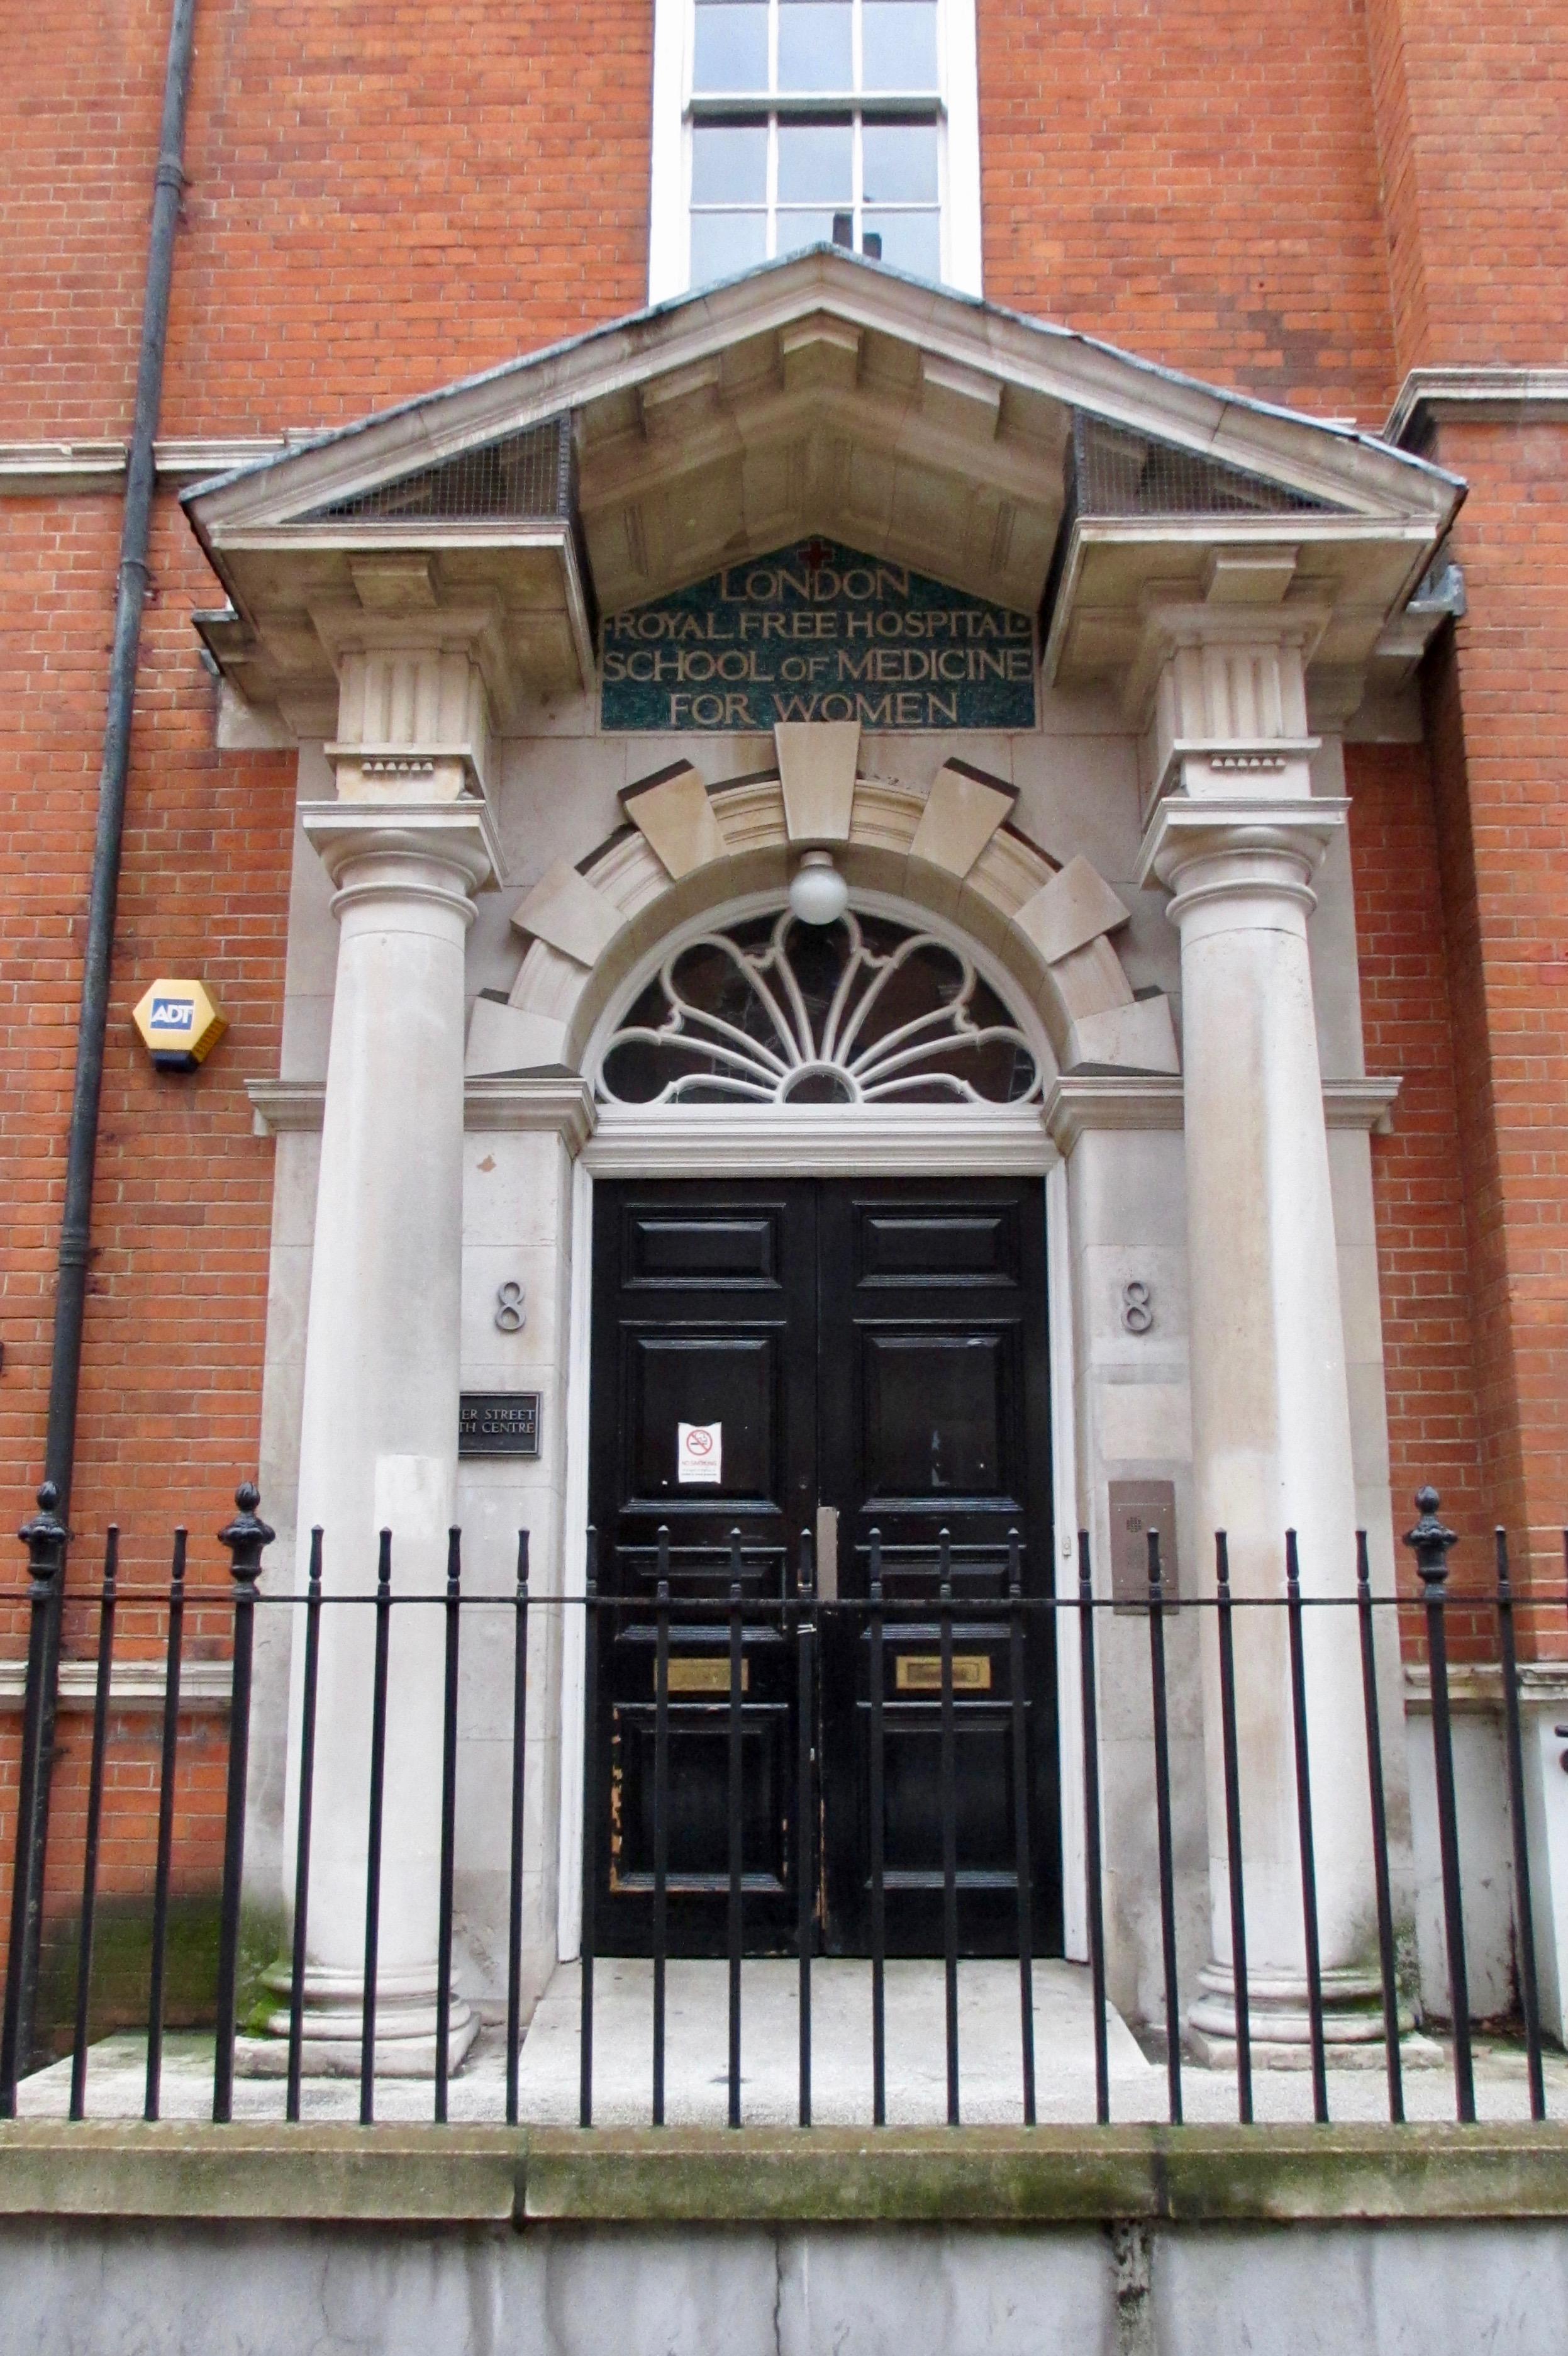 London School of Medicine for Women - Wikipedia